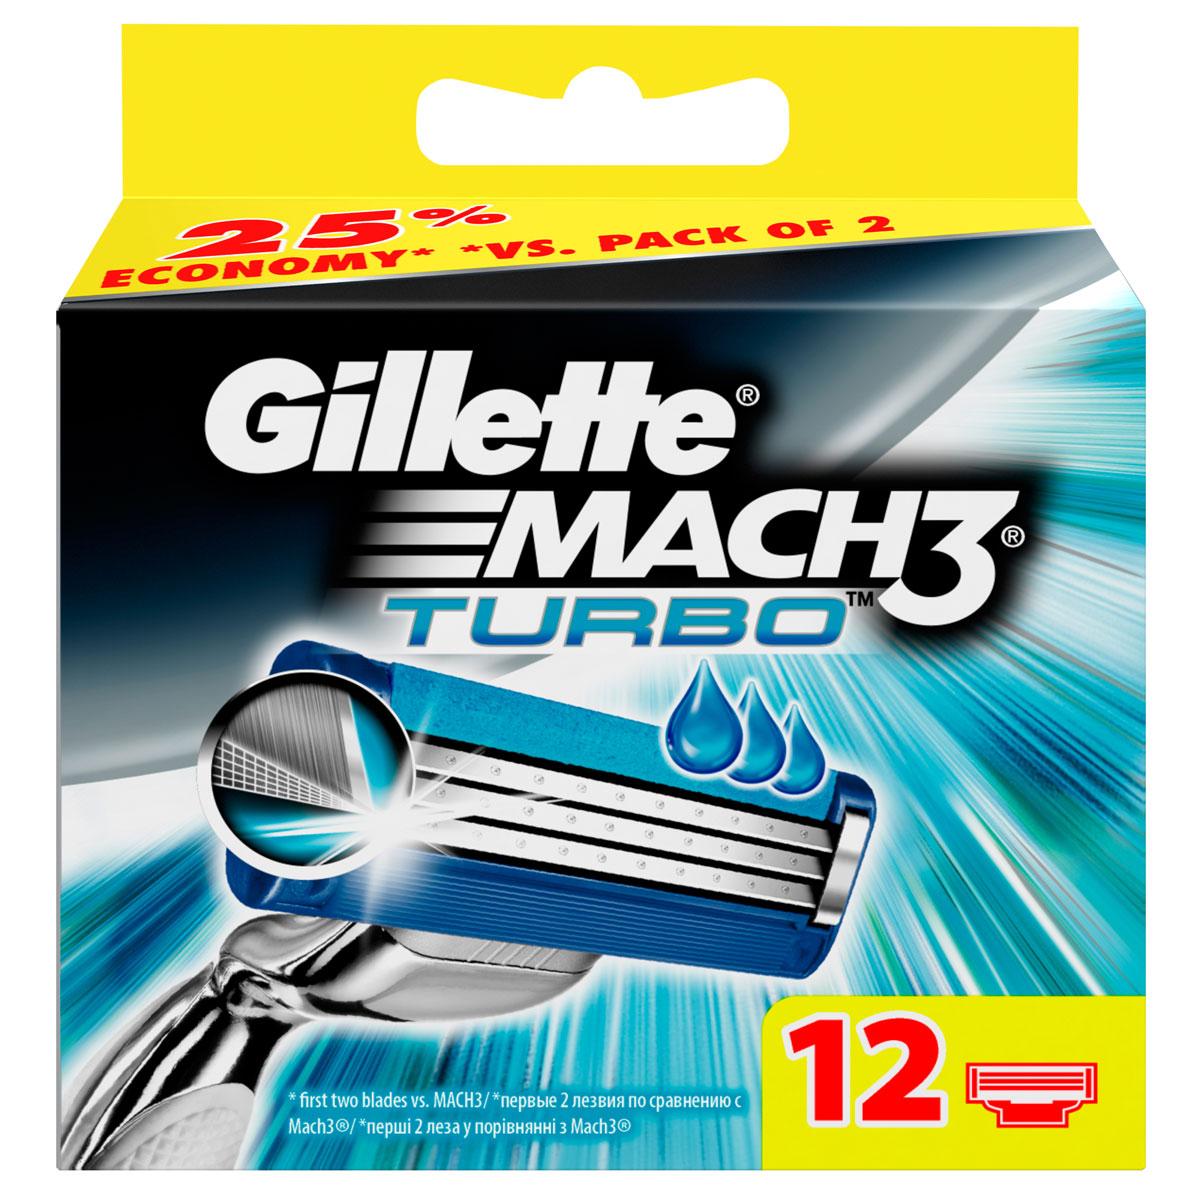 Сменные кассеты для бритья Gillette Mach 3 Turbo, 12 шт.81611907Новые лезвия. Острее, чем одноразоваябритва. Бреет без раздражения. Даже 10-ое бритье Mach3 комфортнее 1-го одноразовой бритвой.Совершенствуй процесс бритья с бритвой Mach3! Gillette Mach3 Turbo имеет более острые лезвия (первые два лезвия в сравнении с Mach3) и обеспечивает гладкое бритье без раздражения по сравнению одноразовыми бритвами Bluell Plus. Лезвия Turbo легче срезают щетину, не тянут и не дергают волоски (первые два лезвия в сравнении с Mach3), даря вам невероятный комфорт. В то же время гелевая полоска Comfort помогает сохранить дольшевашу бритву Mach3 Turbo и мягко скользит по коже (по сравнению с одноразовыми бритвенными станками Bluell Plus). Этот станок имеет вдвое больше микрогребней SkinGuard для мягкости бритья (по сравнению с одноразовыми бритвенными станками Bluell Plus). Плавающая головка обеспечивает тесный контакт лезвий с кожей, рукоятка с регулировкой нажатия адаптируется к контурам лица для более легкого и комфортного бритья (по сравнению с одноразовыми бритвенными станками Blueell Plus). Даже десятое бритье Mach 3 комфортнее первого одноразовой бритвой (по сравнению с одноразовыми станками для бритья Bluell Plus).Первые два лезвия по сравнению с Gillette BlueII Plus По сравнению с Gillette BlueII Plus Срок хранения - 5 лет.Страна производства - Польша. Характеристики:Материал: пластик, металл. Количество в упаковке: 12 шт. Товар сертифицирован.Состав смазывающей полоски: PEG-115M, PEG-7M, PEG-100, TOCOPHERYL ACETATE, BHT, ALOE BARBADENSIS.